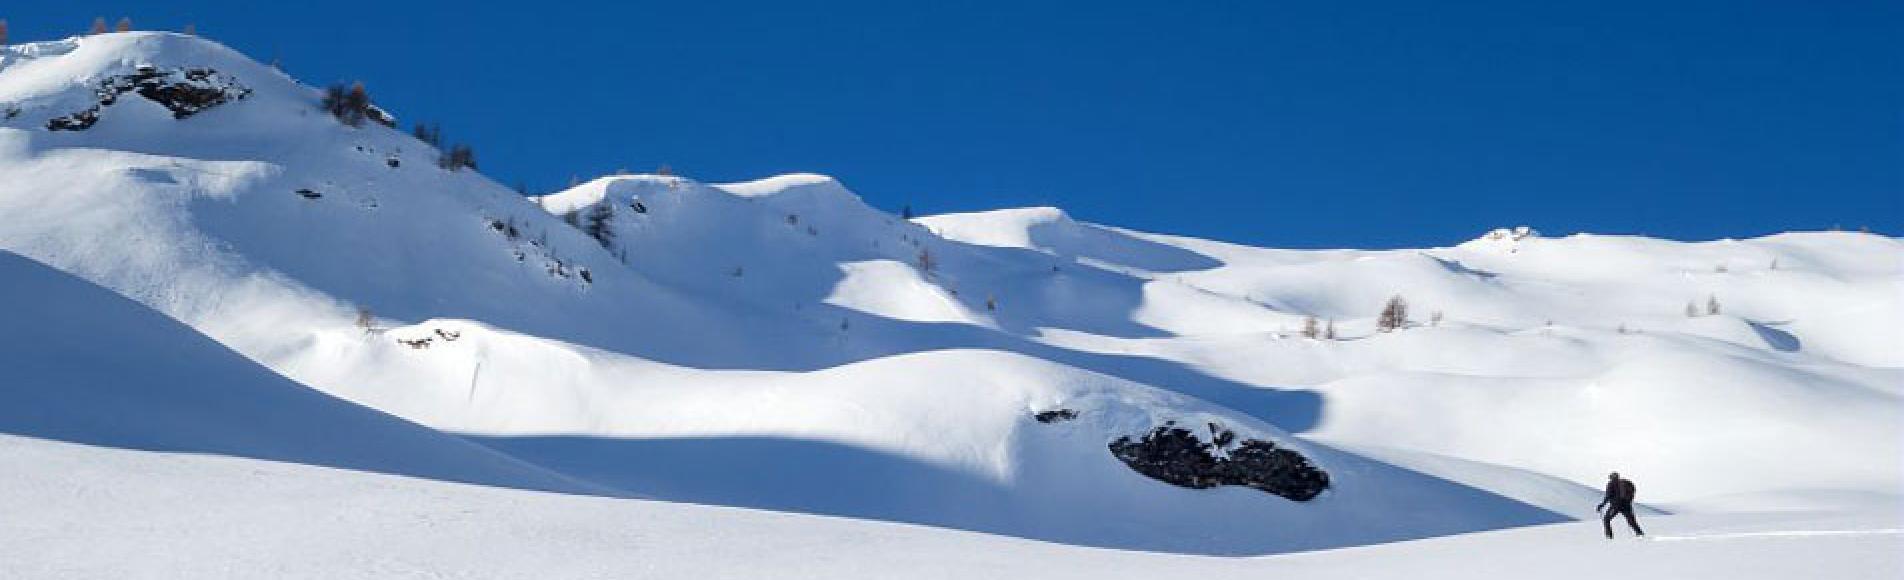 Ski de randonnée - Freissinières - © T-Maillet - Parc national des Écrins